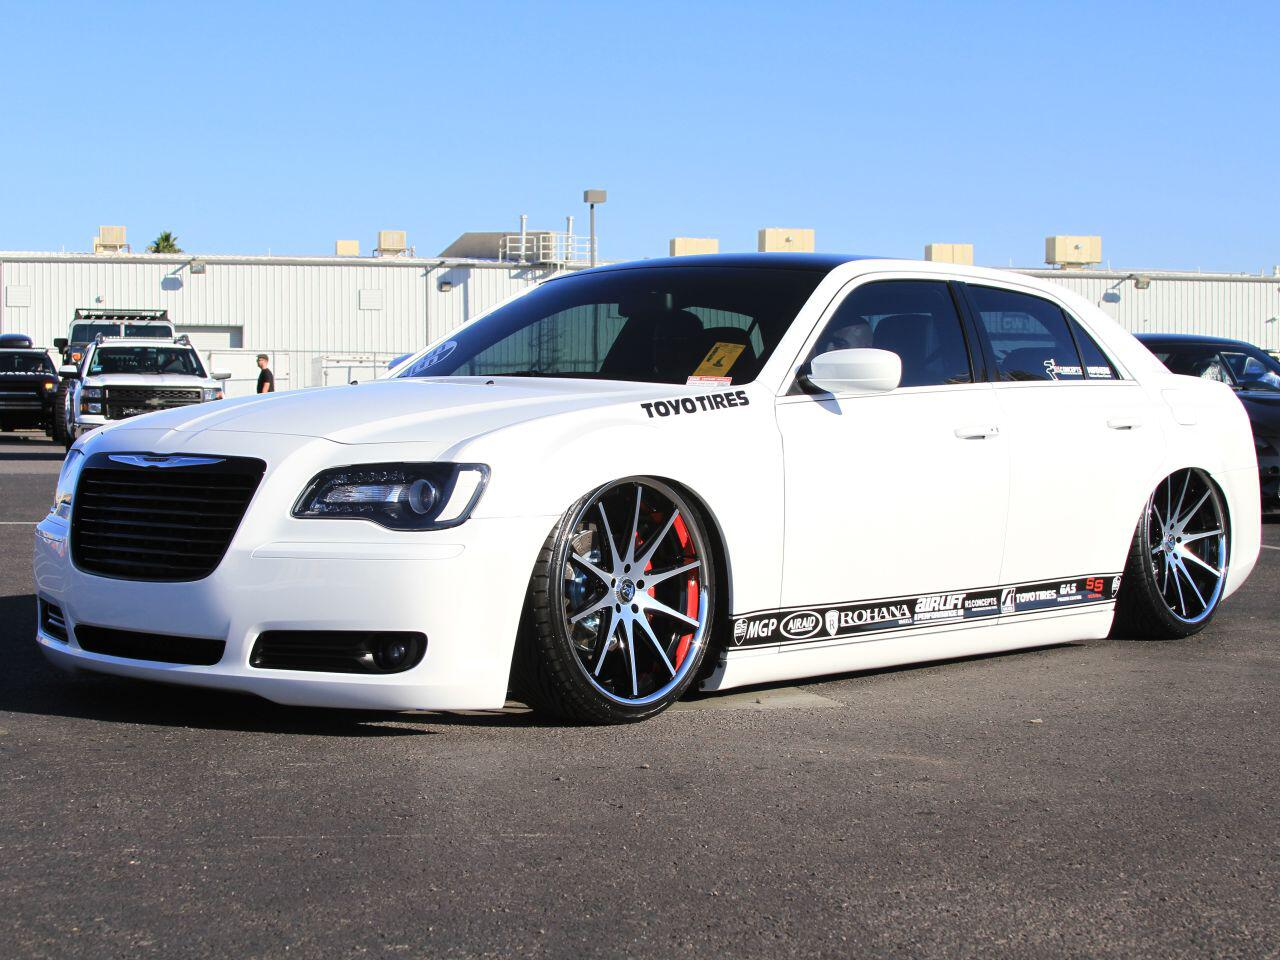 Bild zu Chrysler 300 von Rohana Wheels: Er lieferte eine ziemlich lässige Show